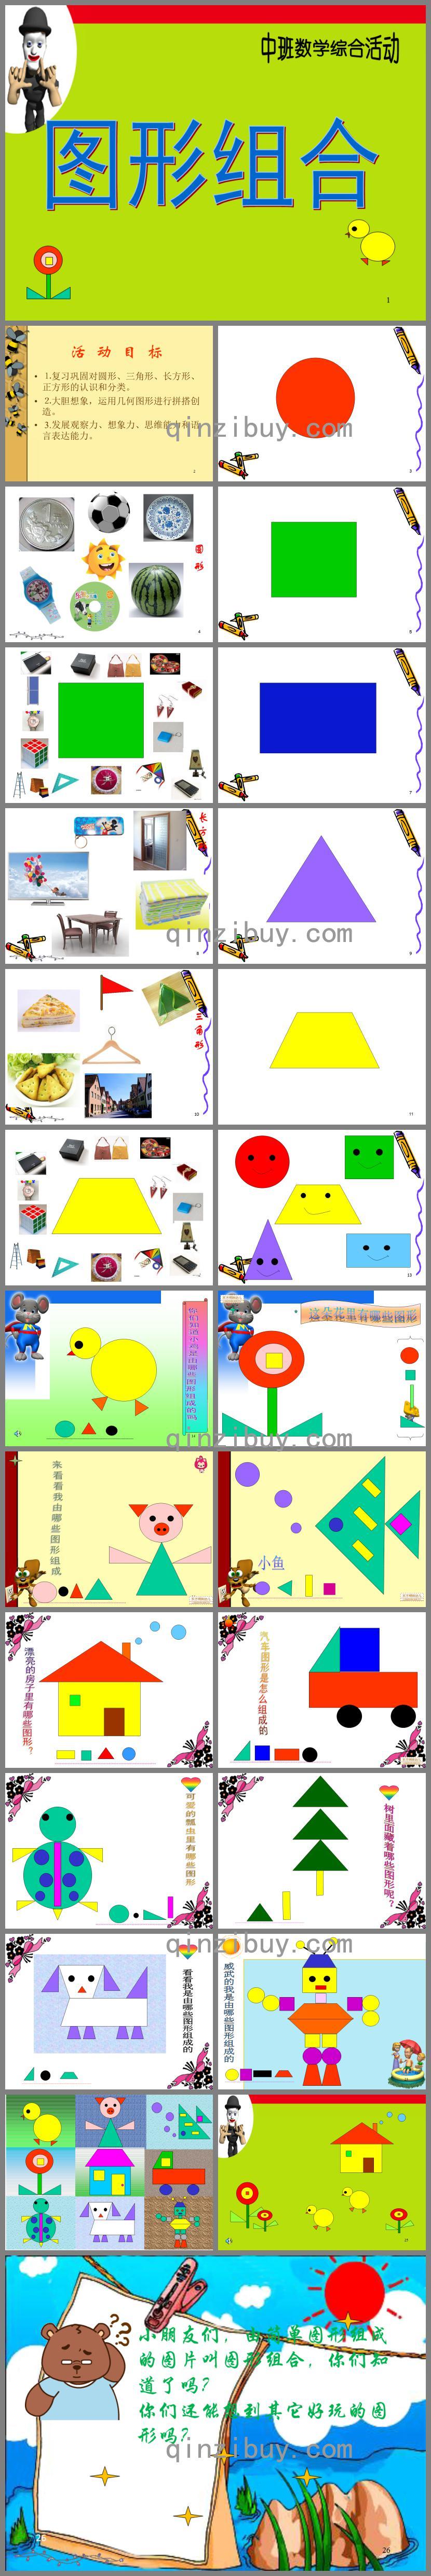 中班数学图形组合PPT课件